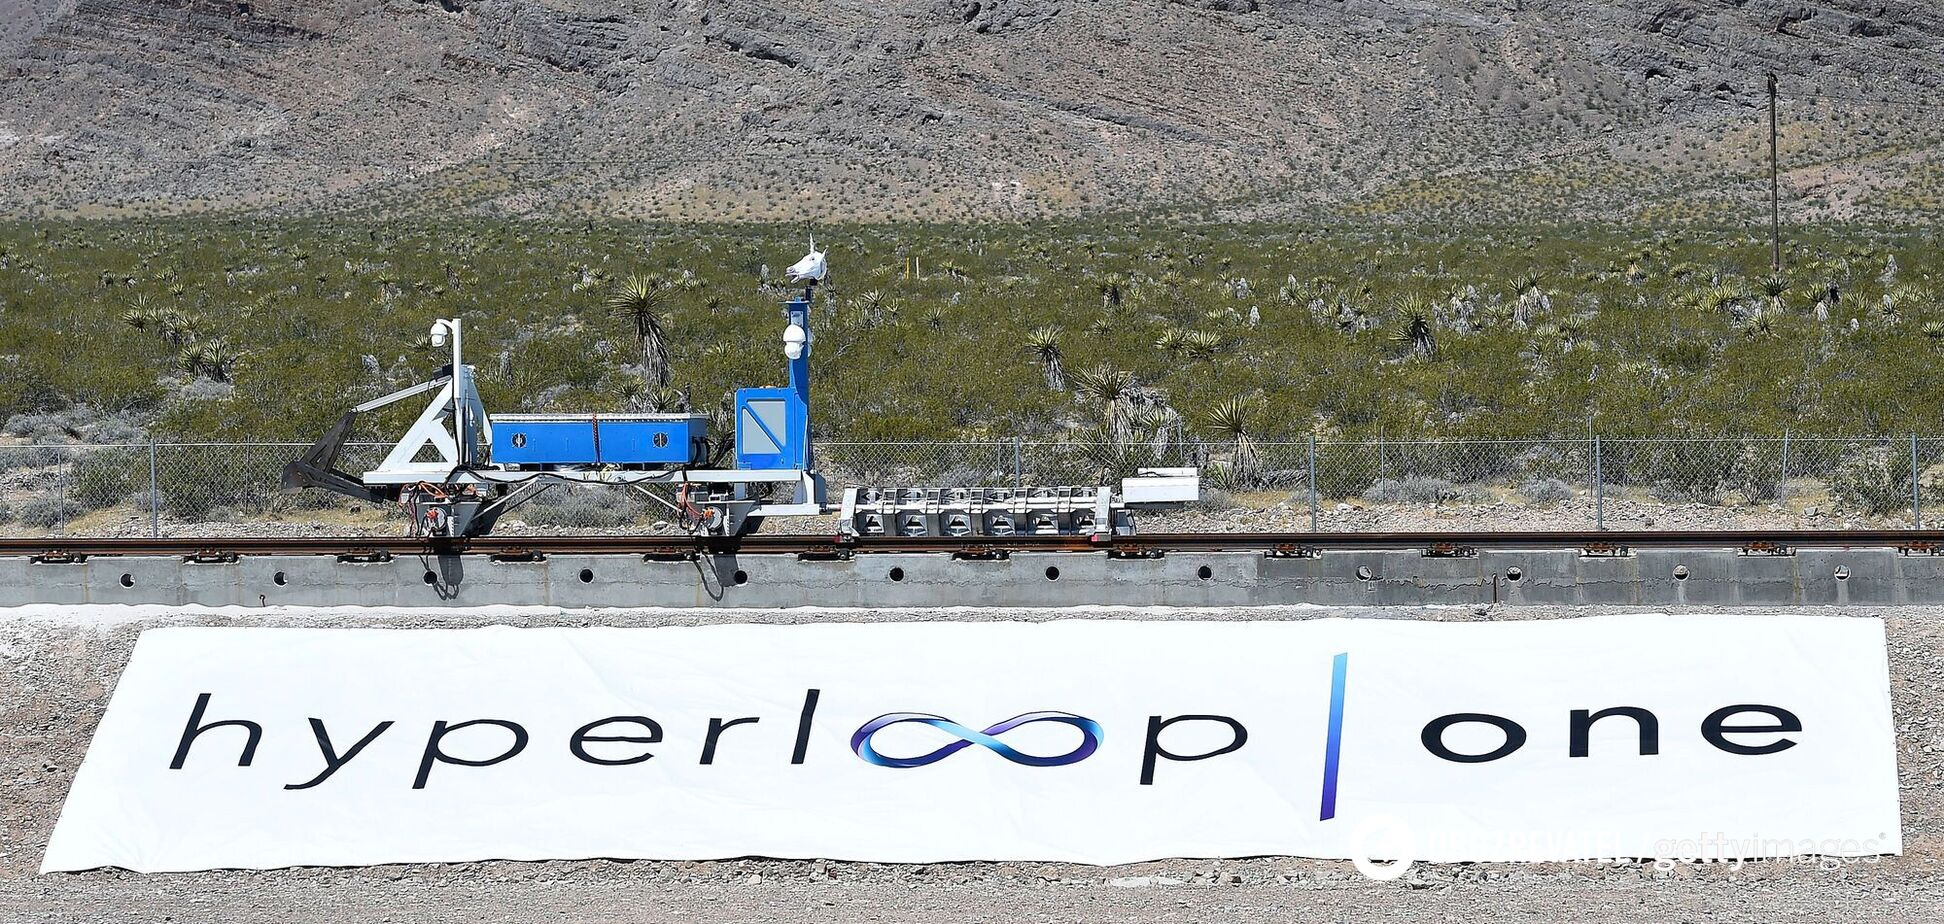 Hyperloop впервые в истории совершил поездку с людьми. Видео